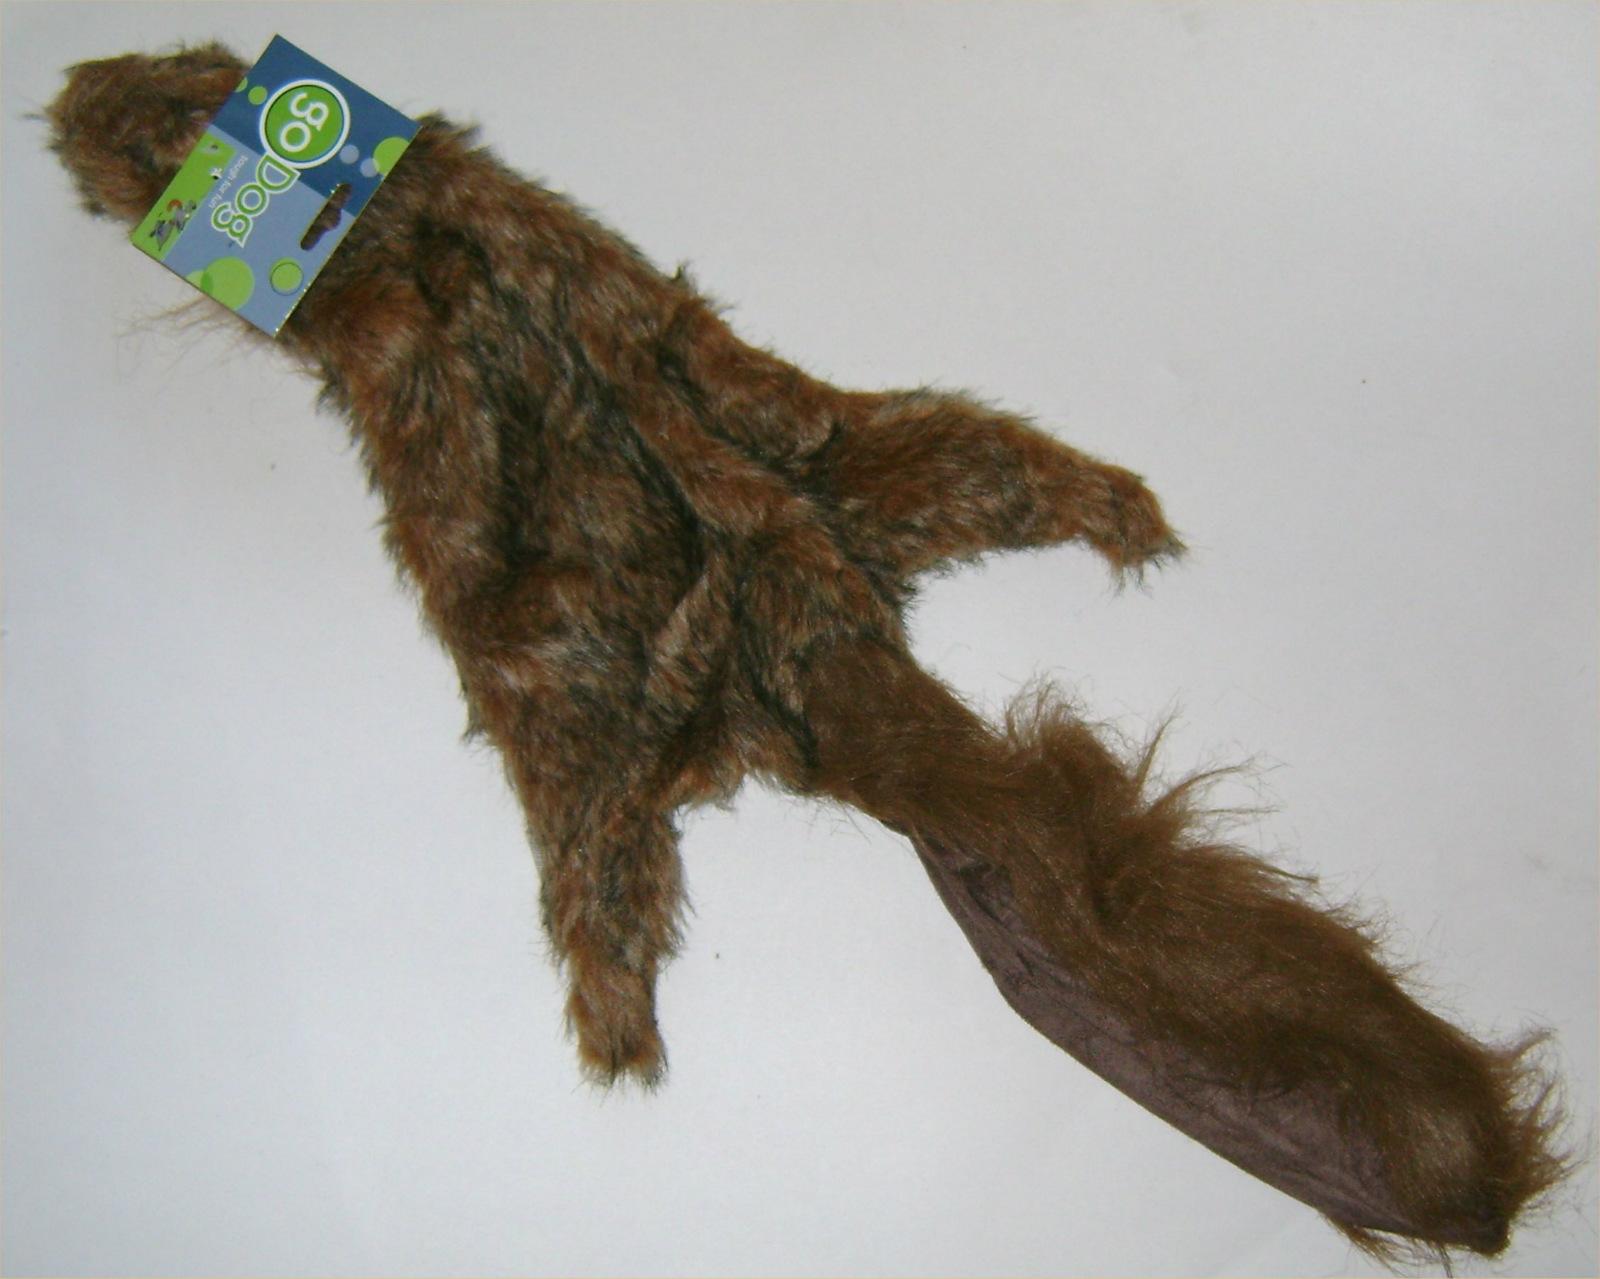 Roadkill Squirrel Dog Toy